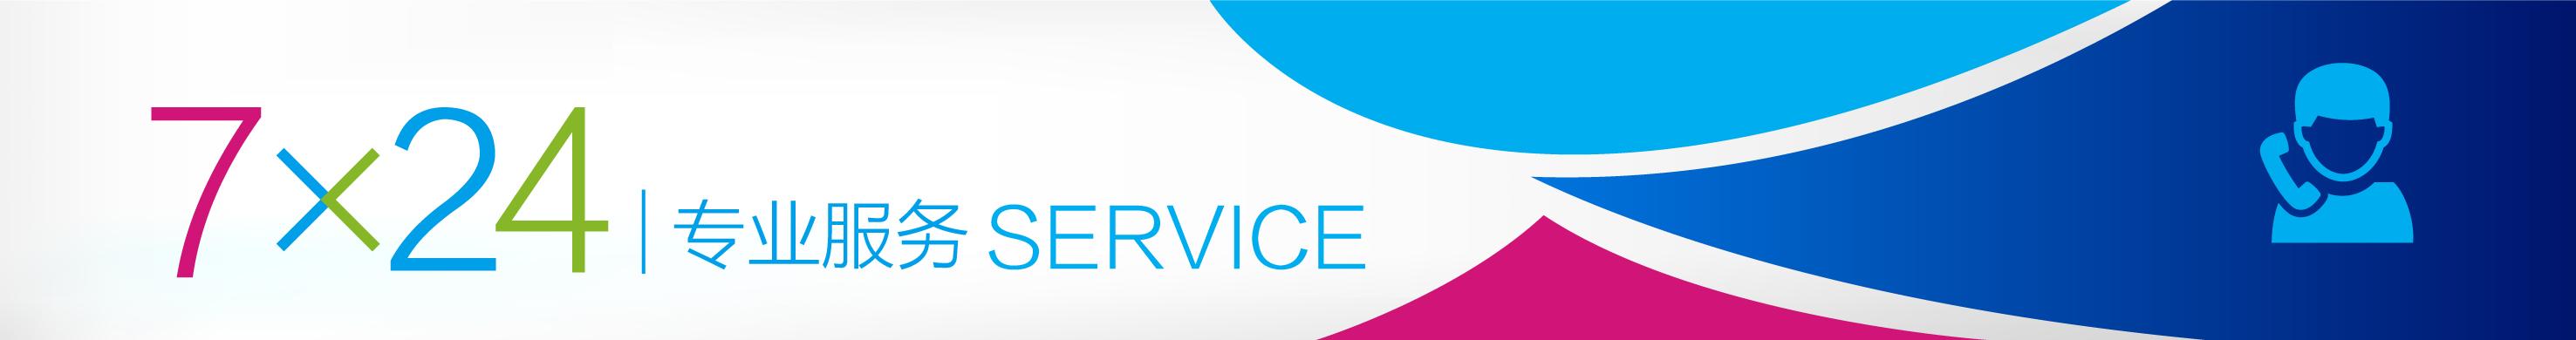 服务体系与保障